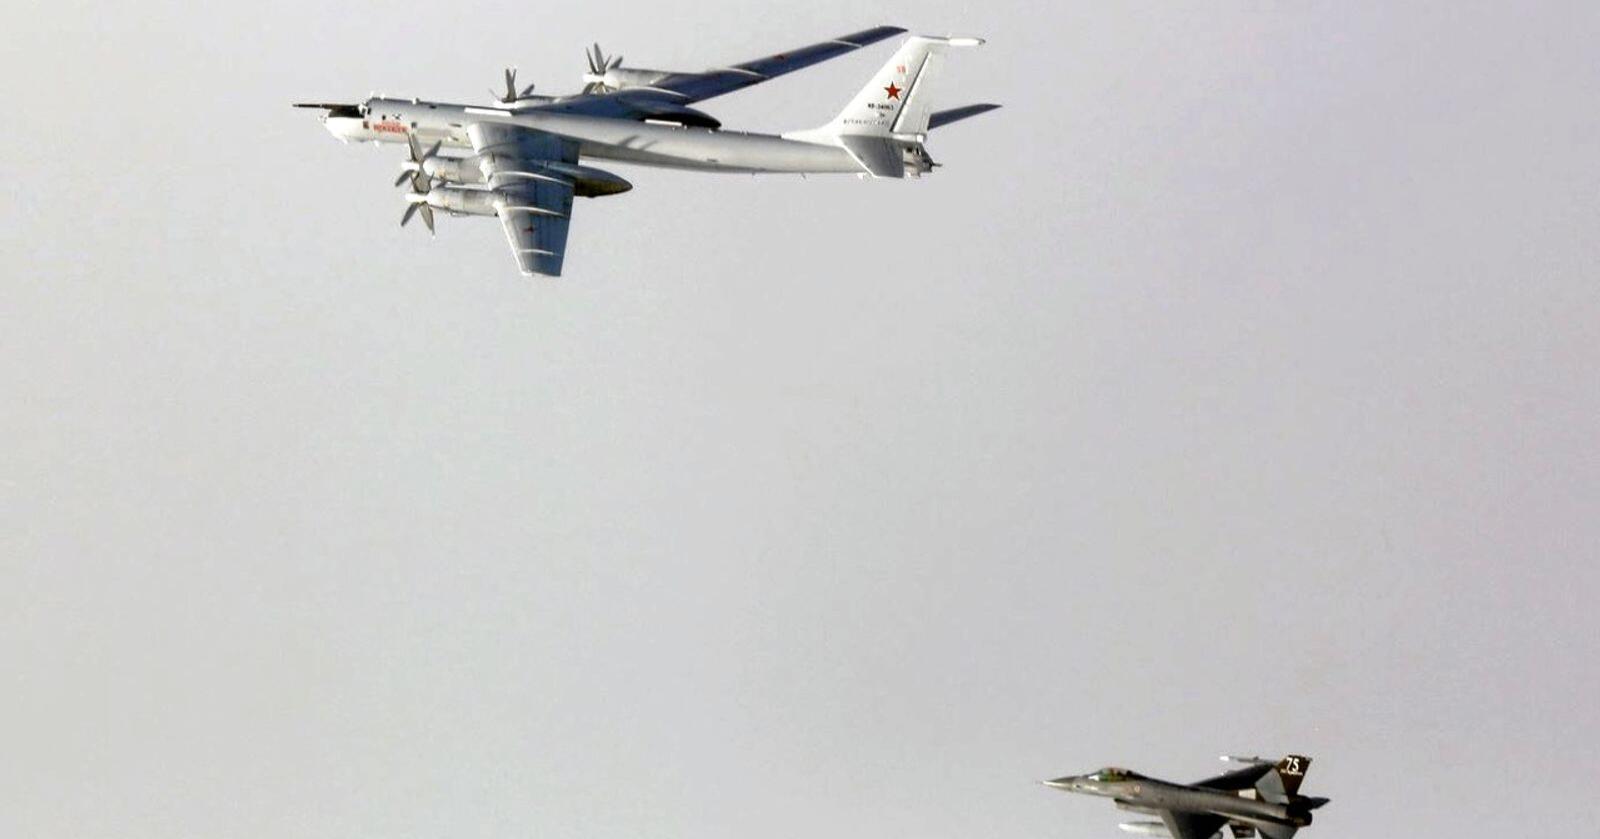 Et russisk strategisk bombefly med Nato-betegnelsen «Bear» følges av et norsk F-16 kampfly langs norskekysten, i mai 2020. Foto: FOH